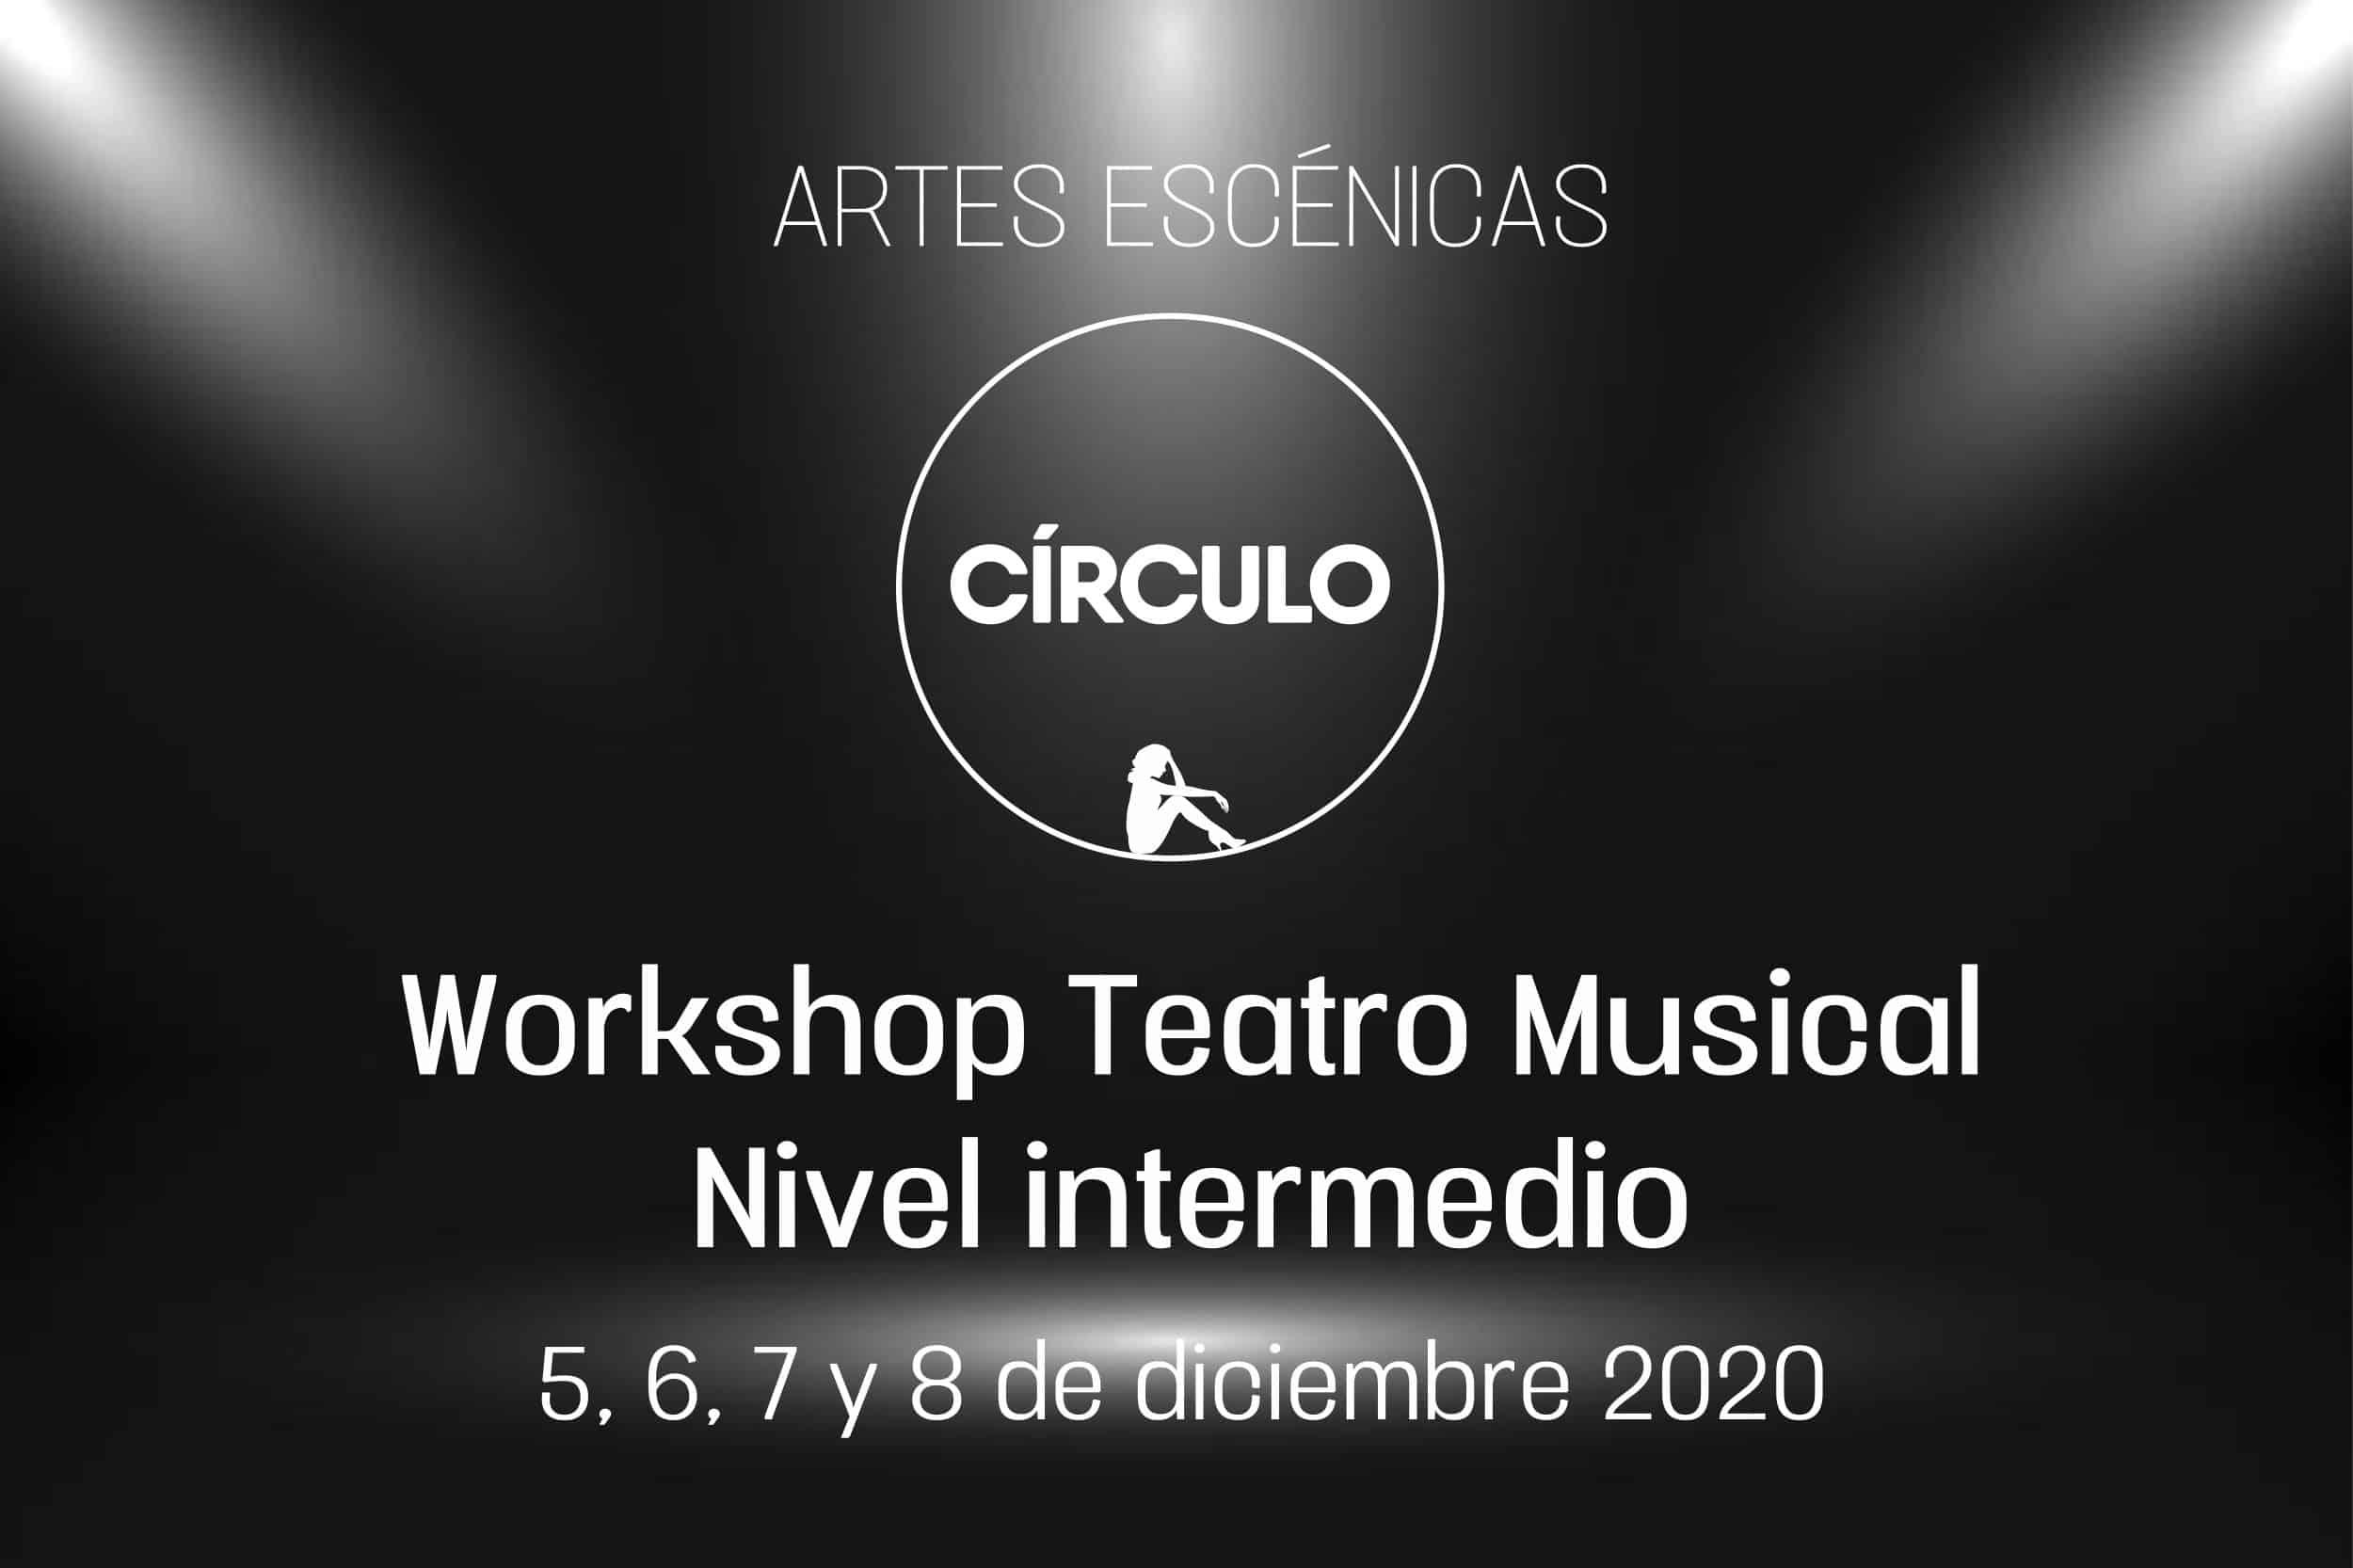 Círculo de Baile. Artes escénicas. Workshop Intermedio el puente de la Constitución